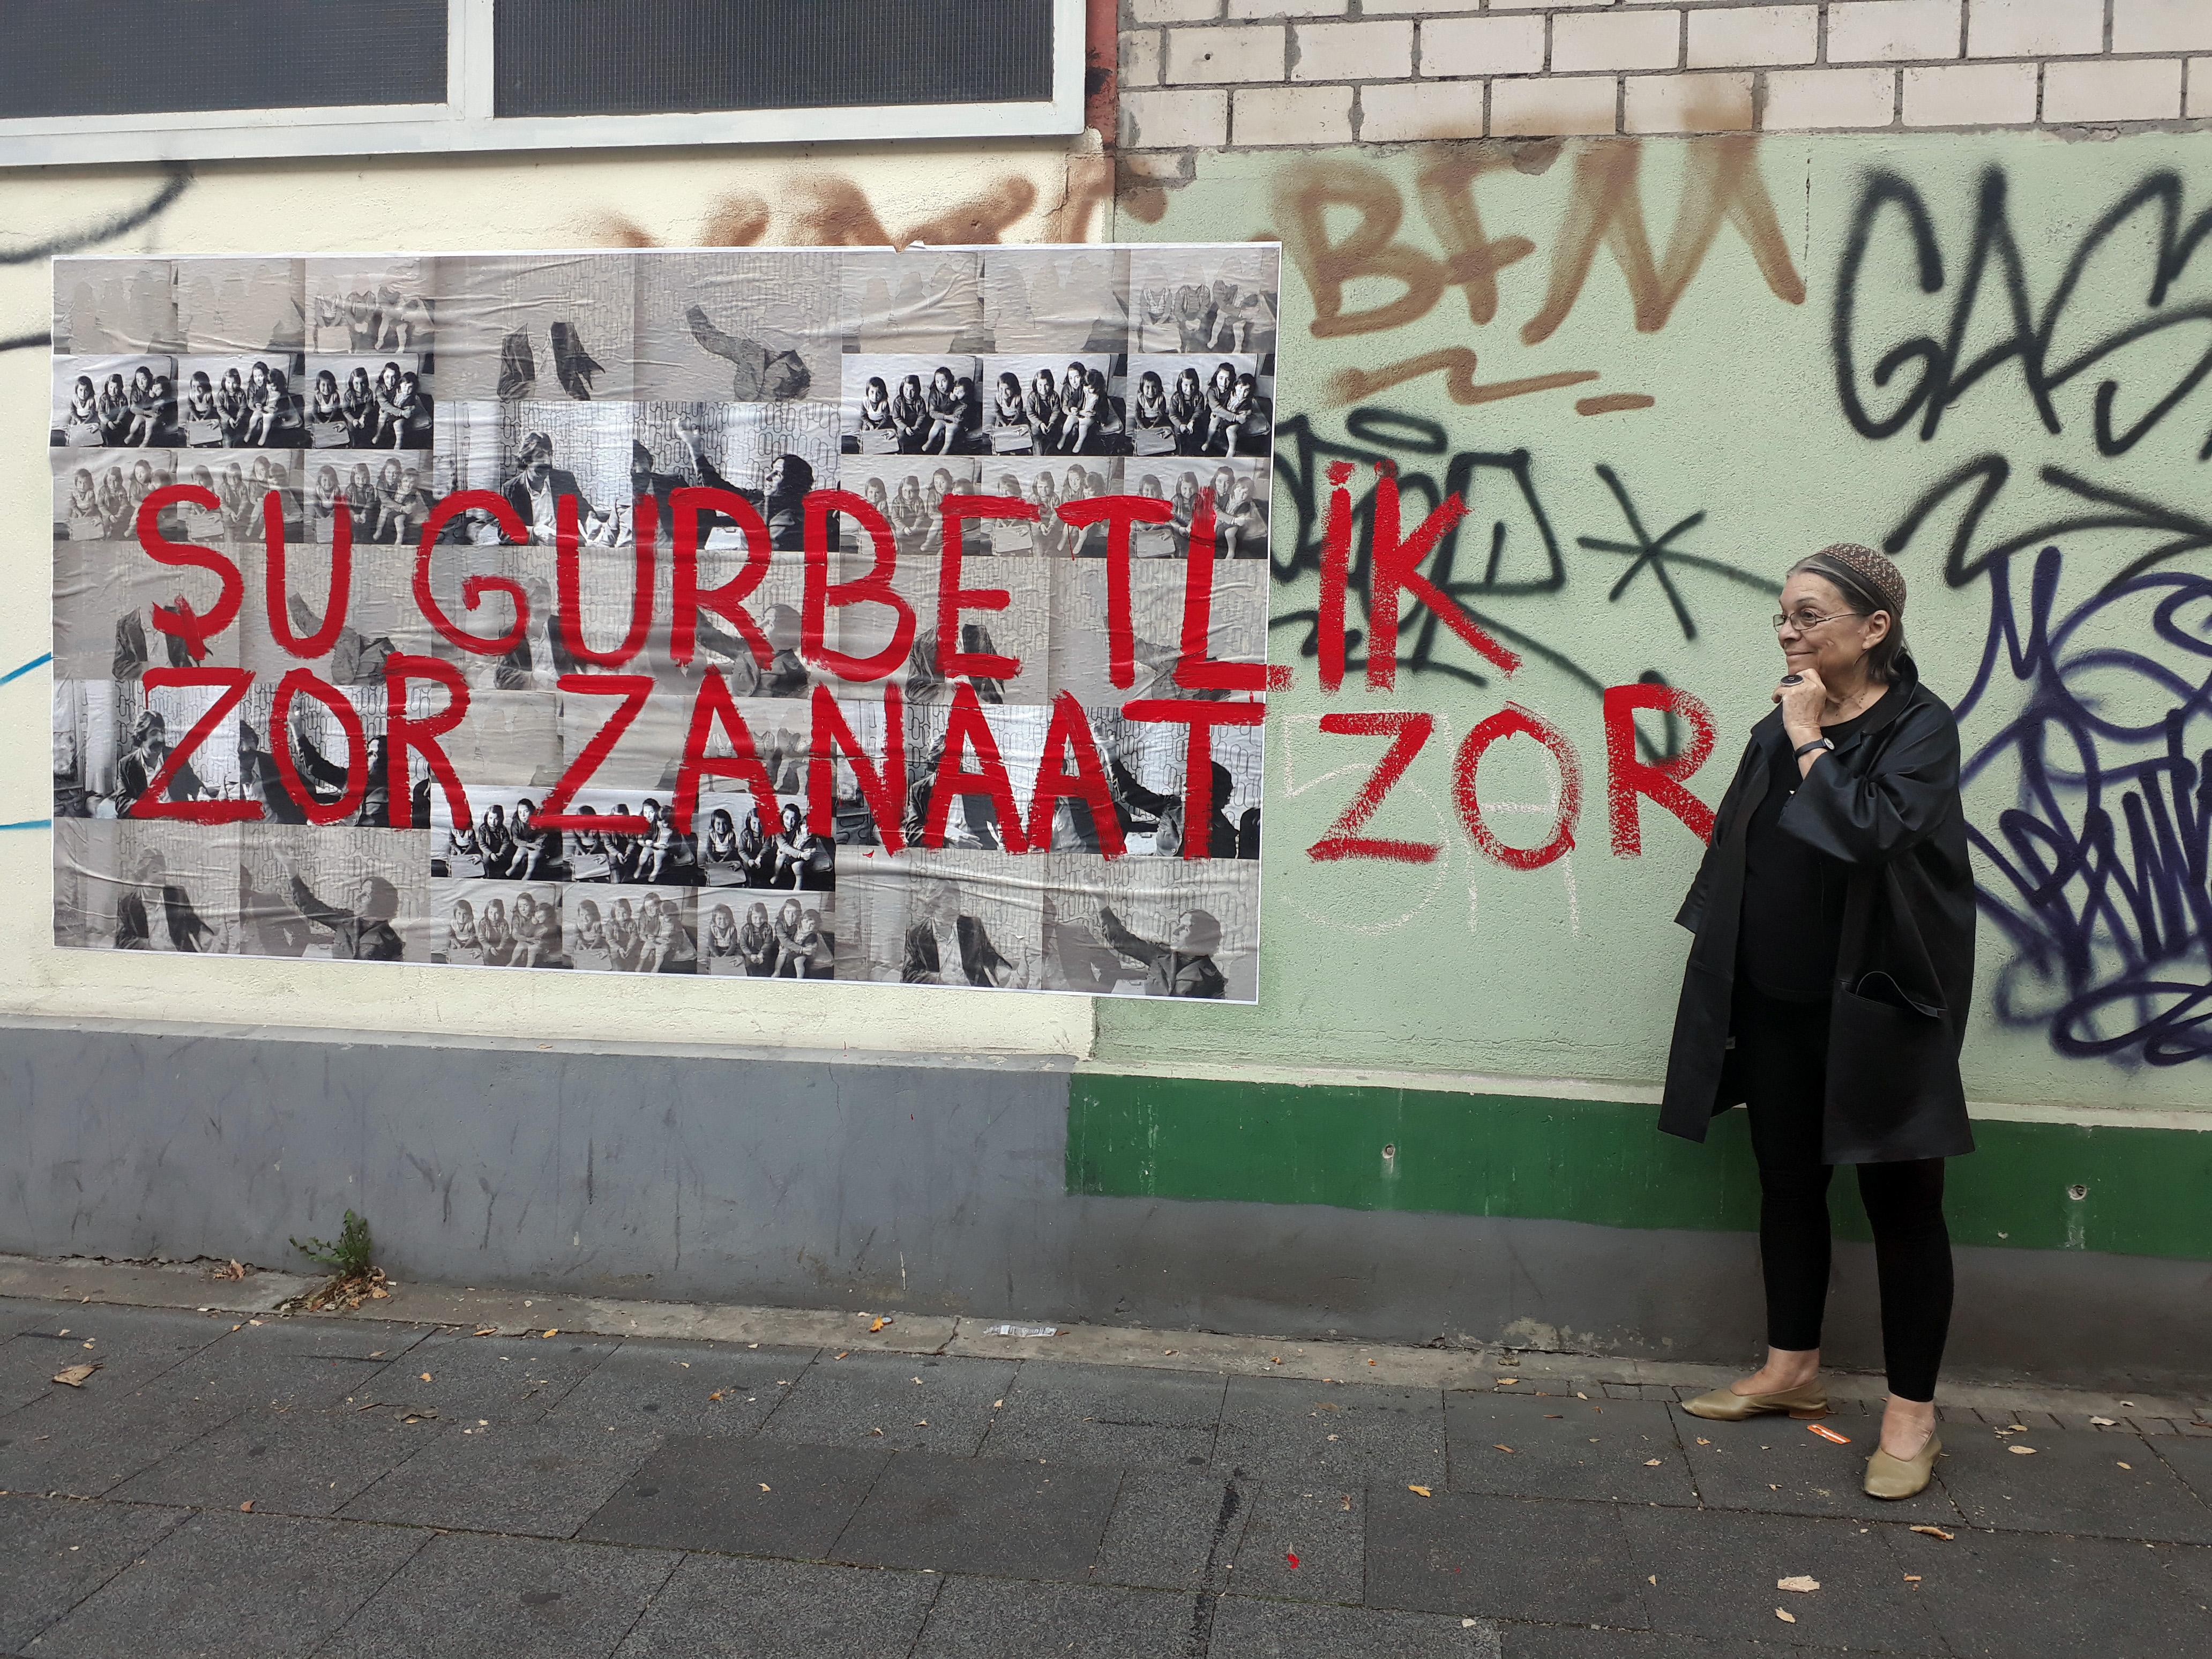 Nil Yalter Exile Is a Hard Job / Walls, 2018 Acryl auf Offset-Druck im öffentlichen Raum Wetzlarer Straße, Köln, Kalk © Nil Yalter Foto: Estelle Vallender